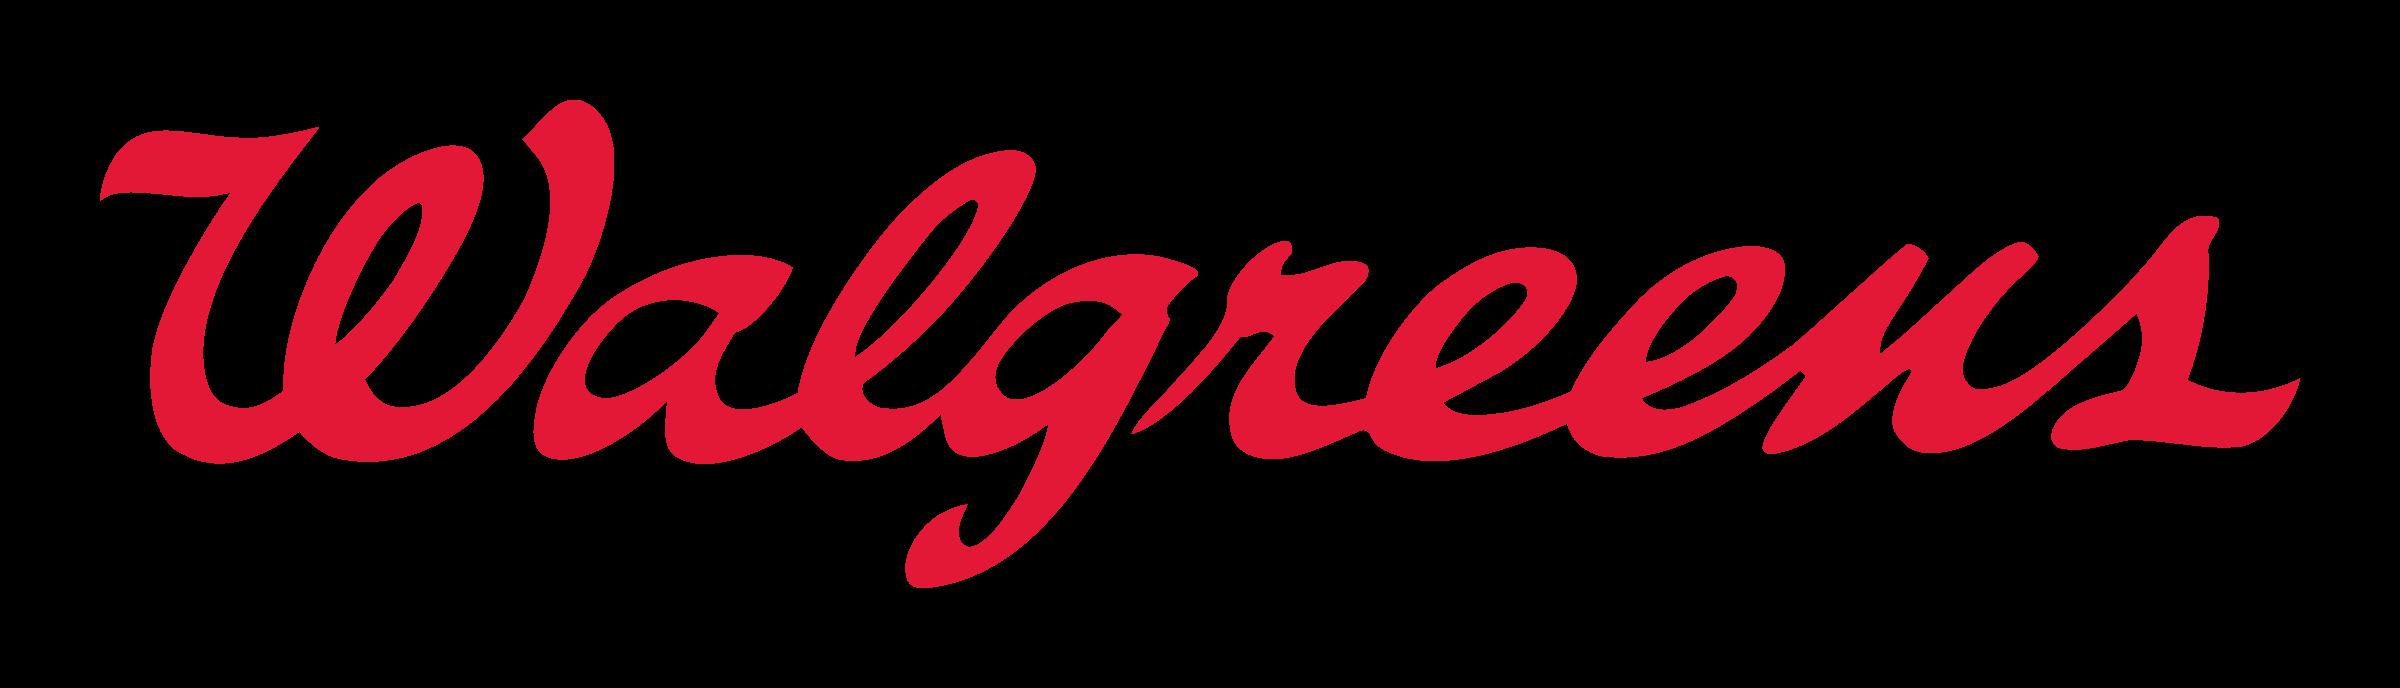 walgreens-logo-png-transparent